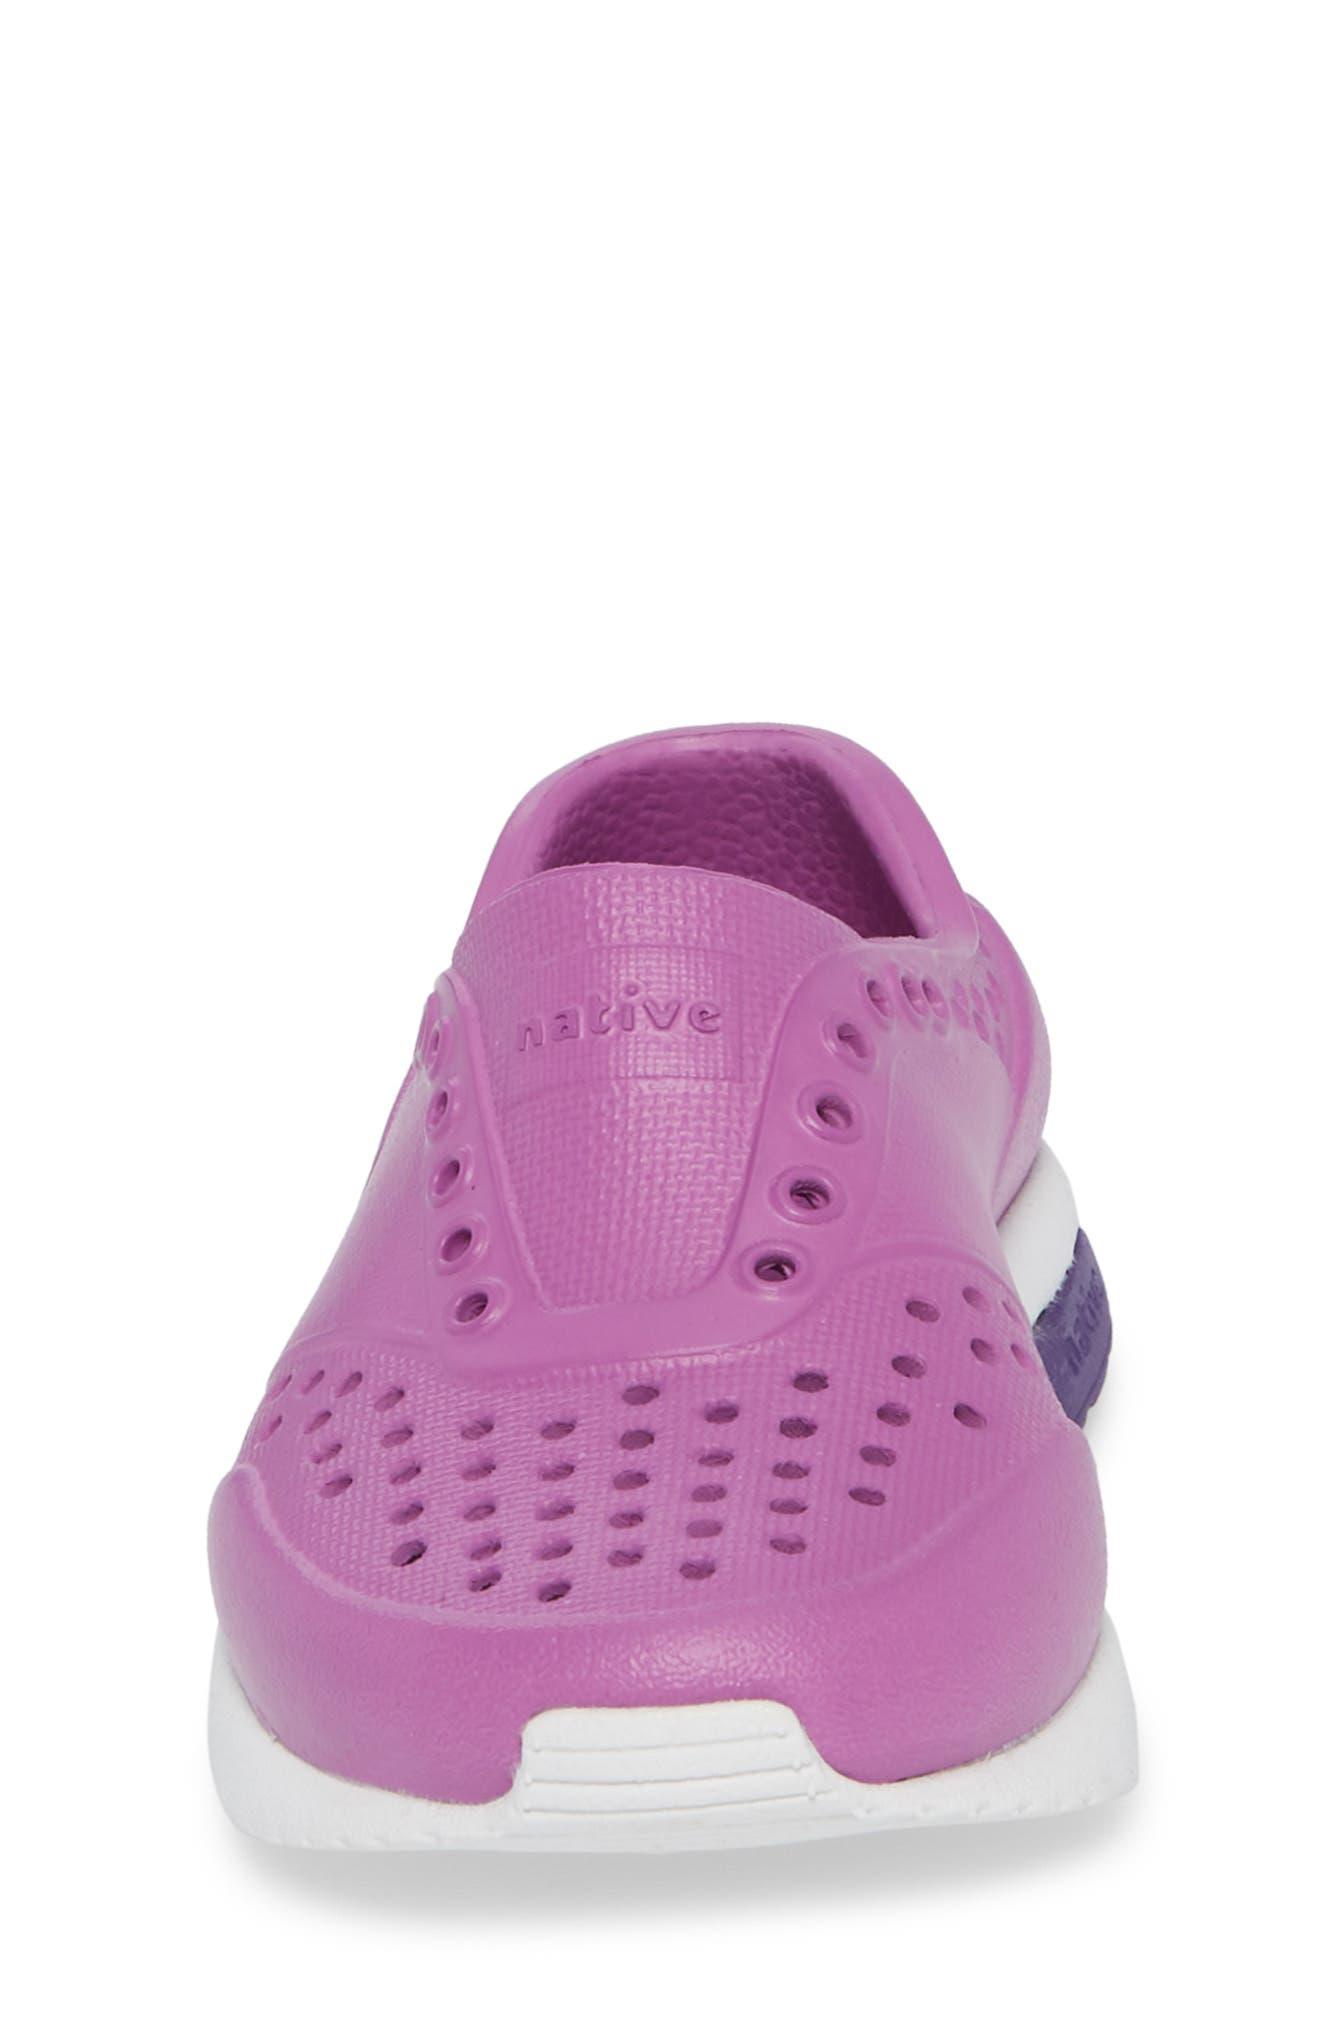 Lennox Slip-On Sneaker,                             Alternate thumbnail 4, color,                             Peace Purple/ Shell White